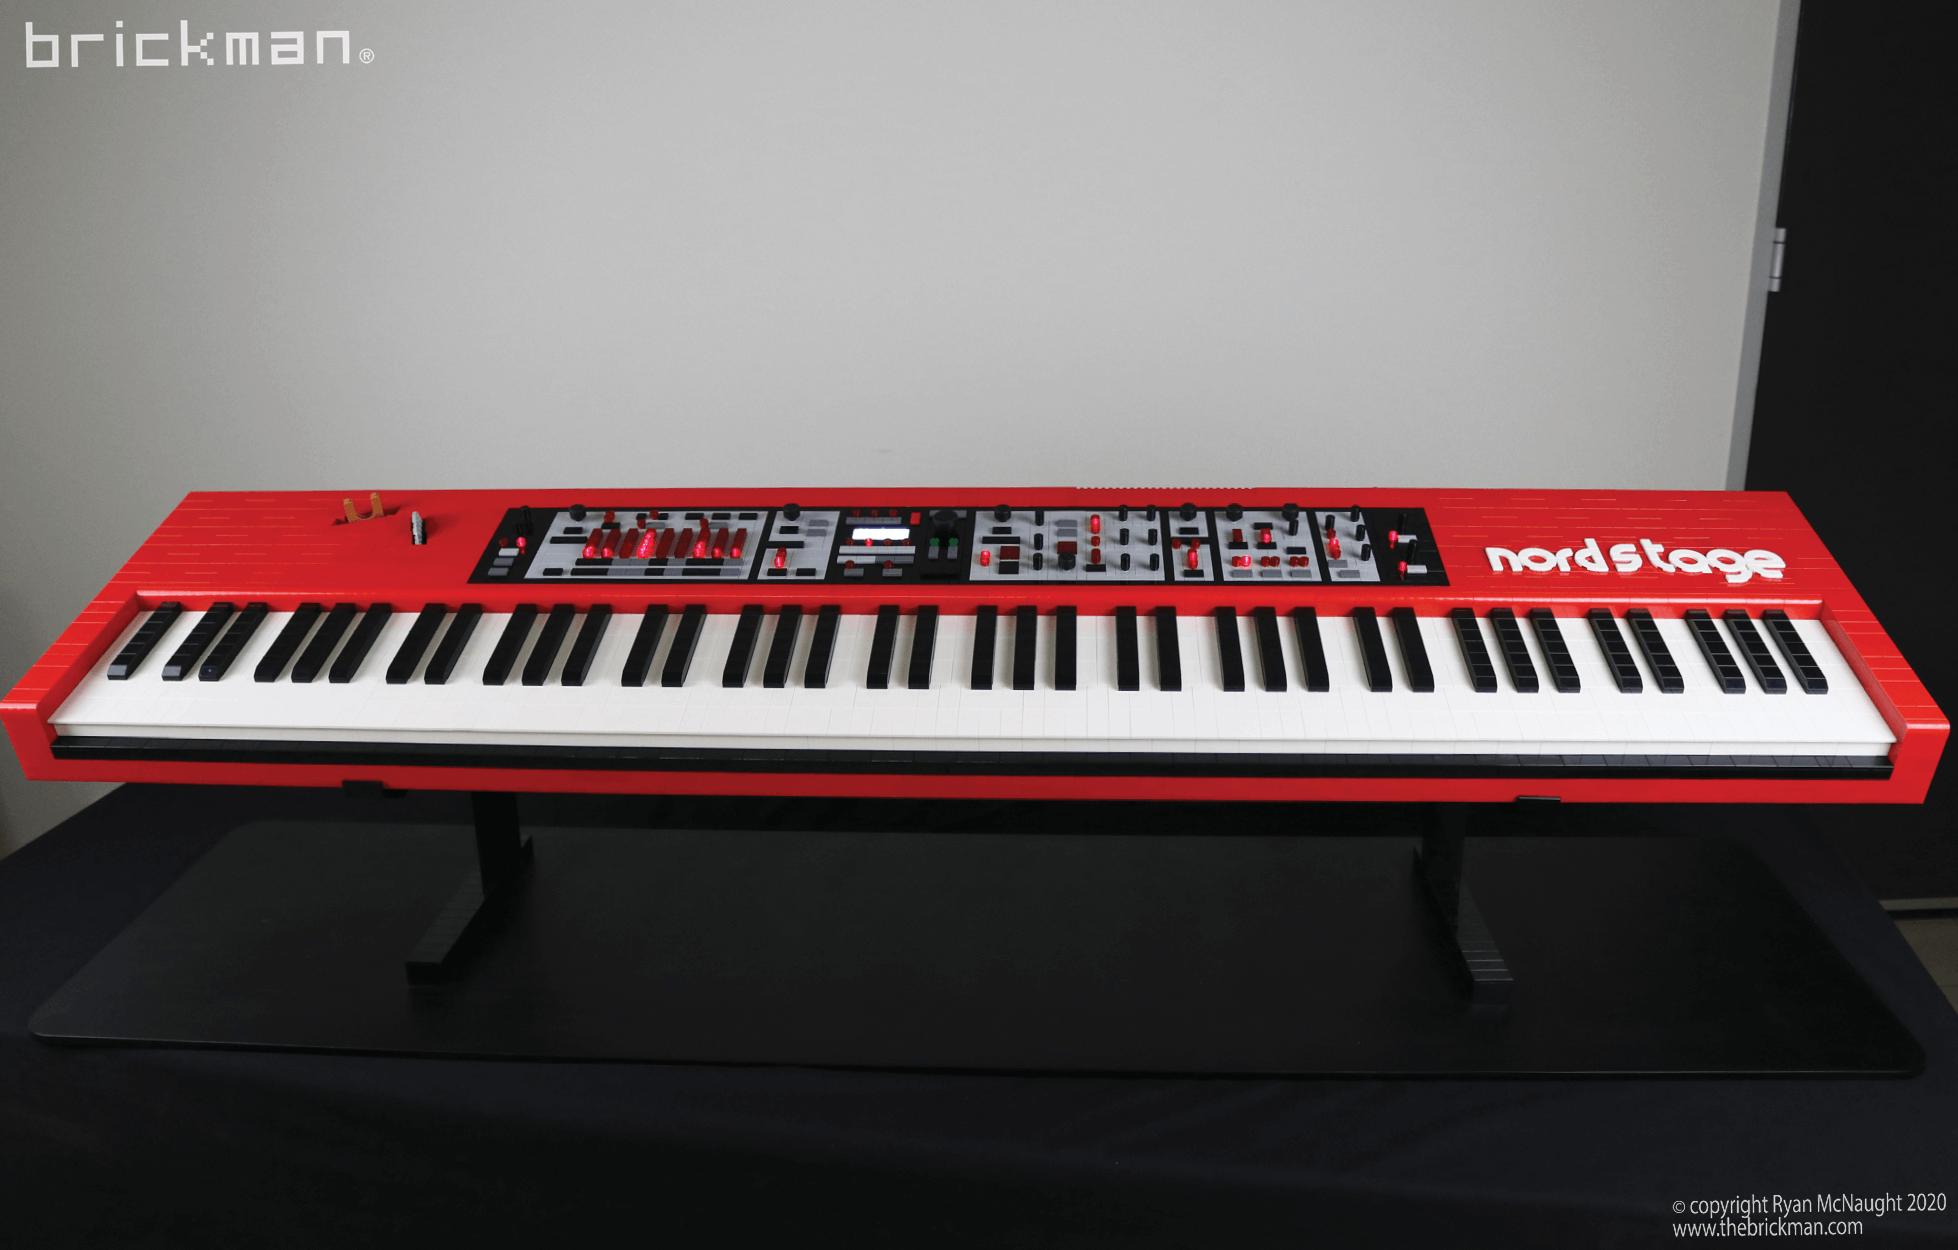 LEGO keyboard 04